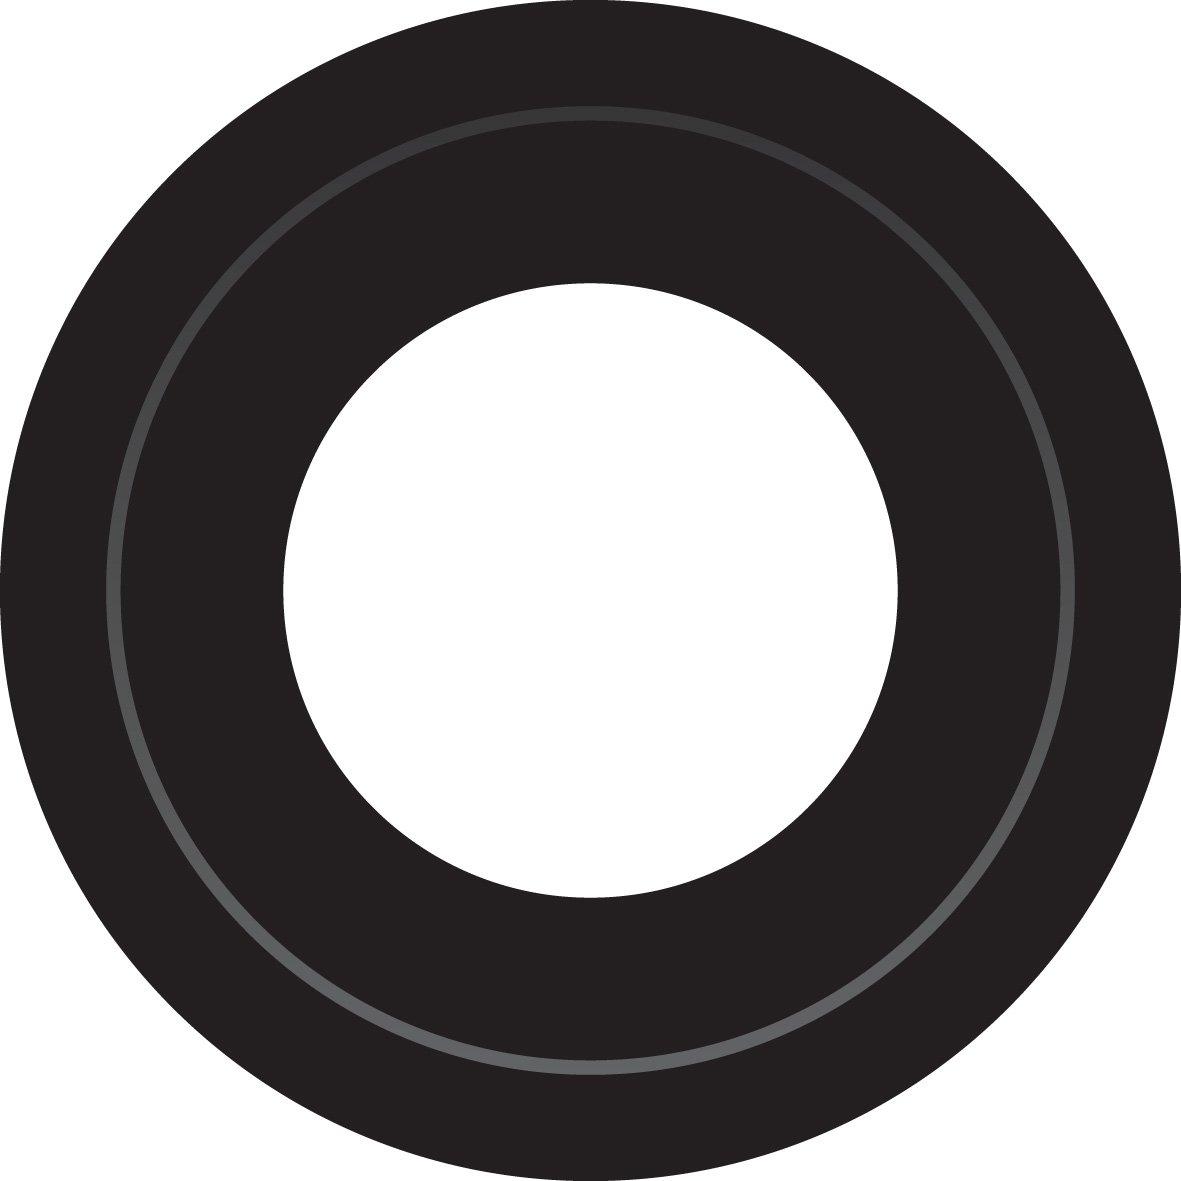 Lee Adaptor Ring 52mm Standard [FHCAAR52] by Lee Filters